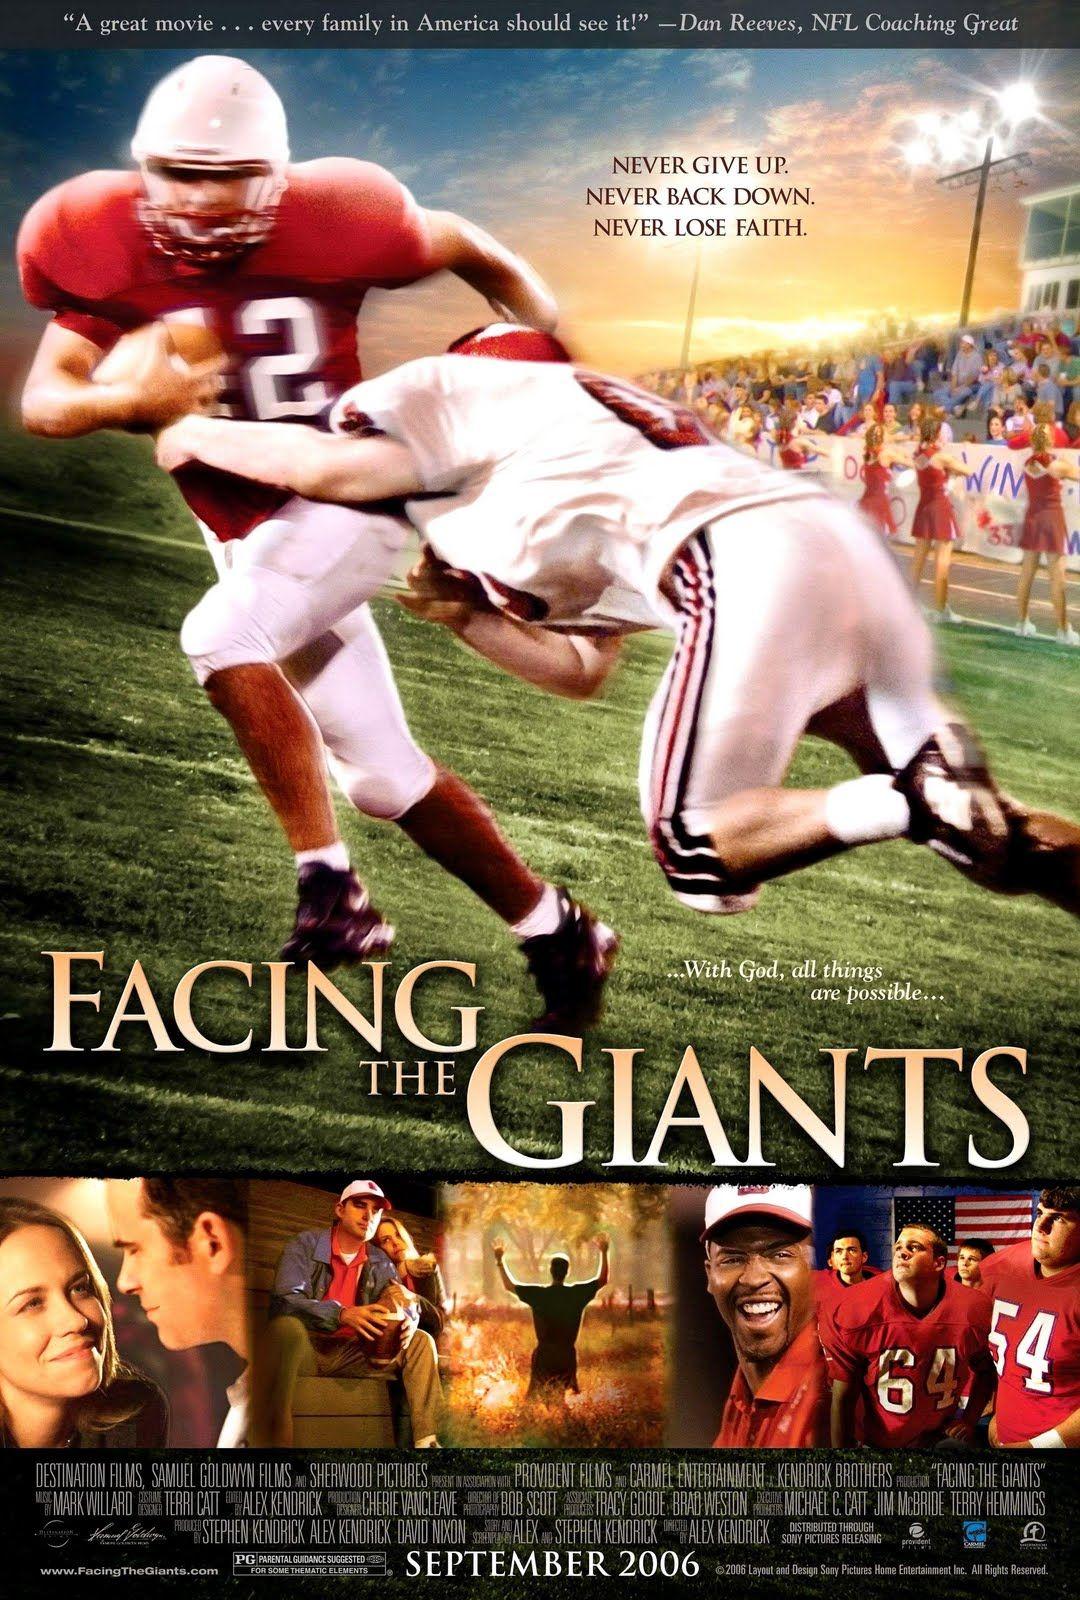 Desafiando Gigantes [Dub] – IMDB 6.7